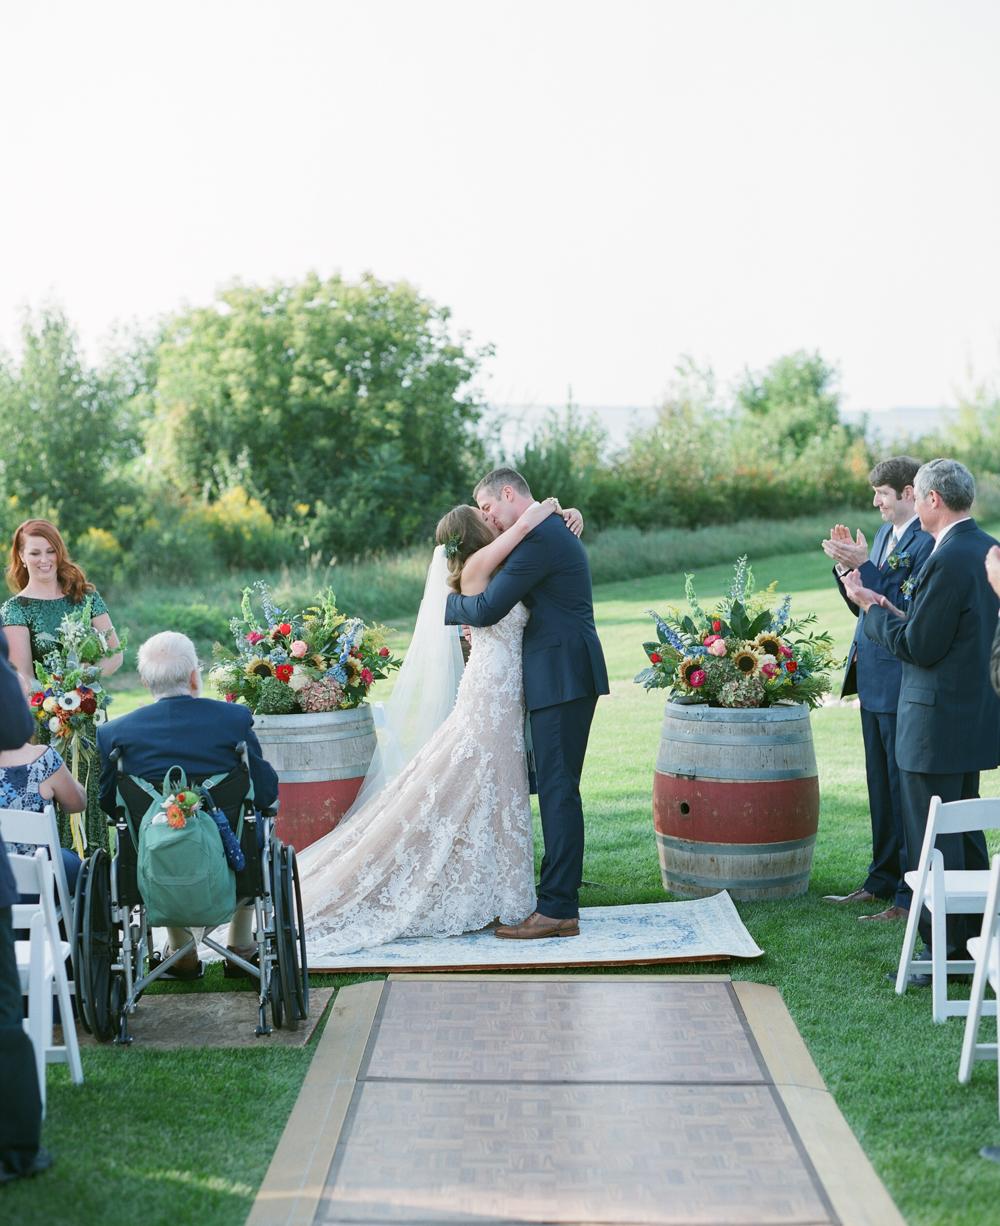 Door County Weddings with outdoor ceremony